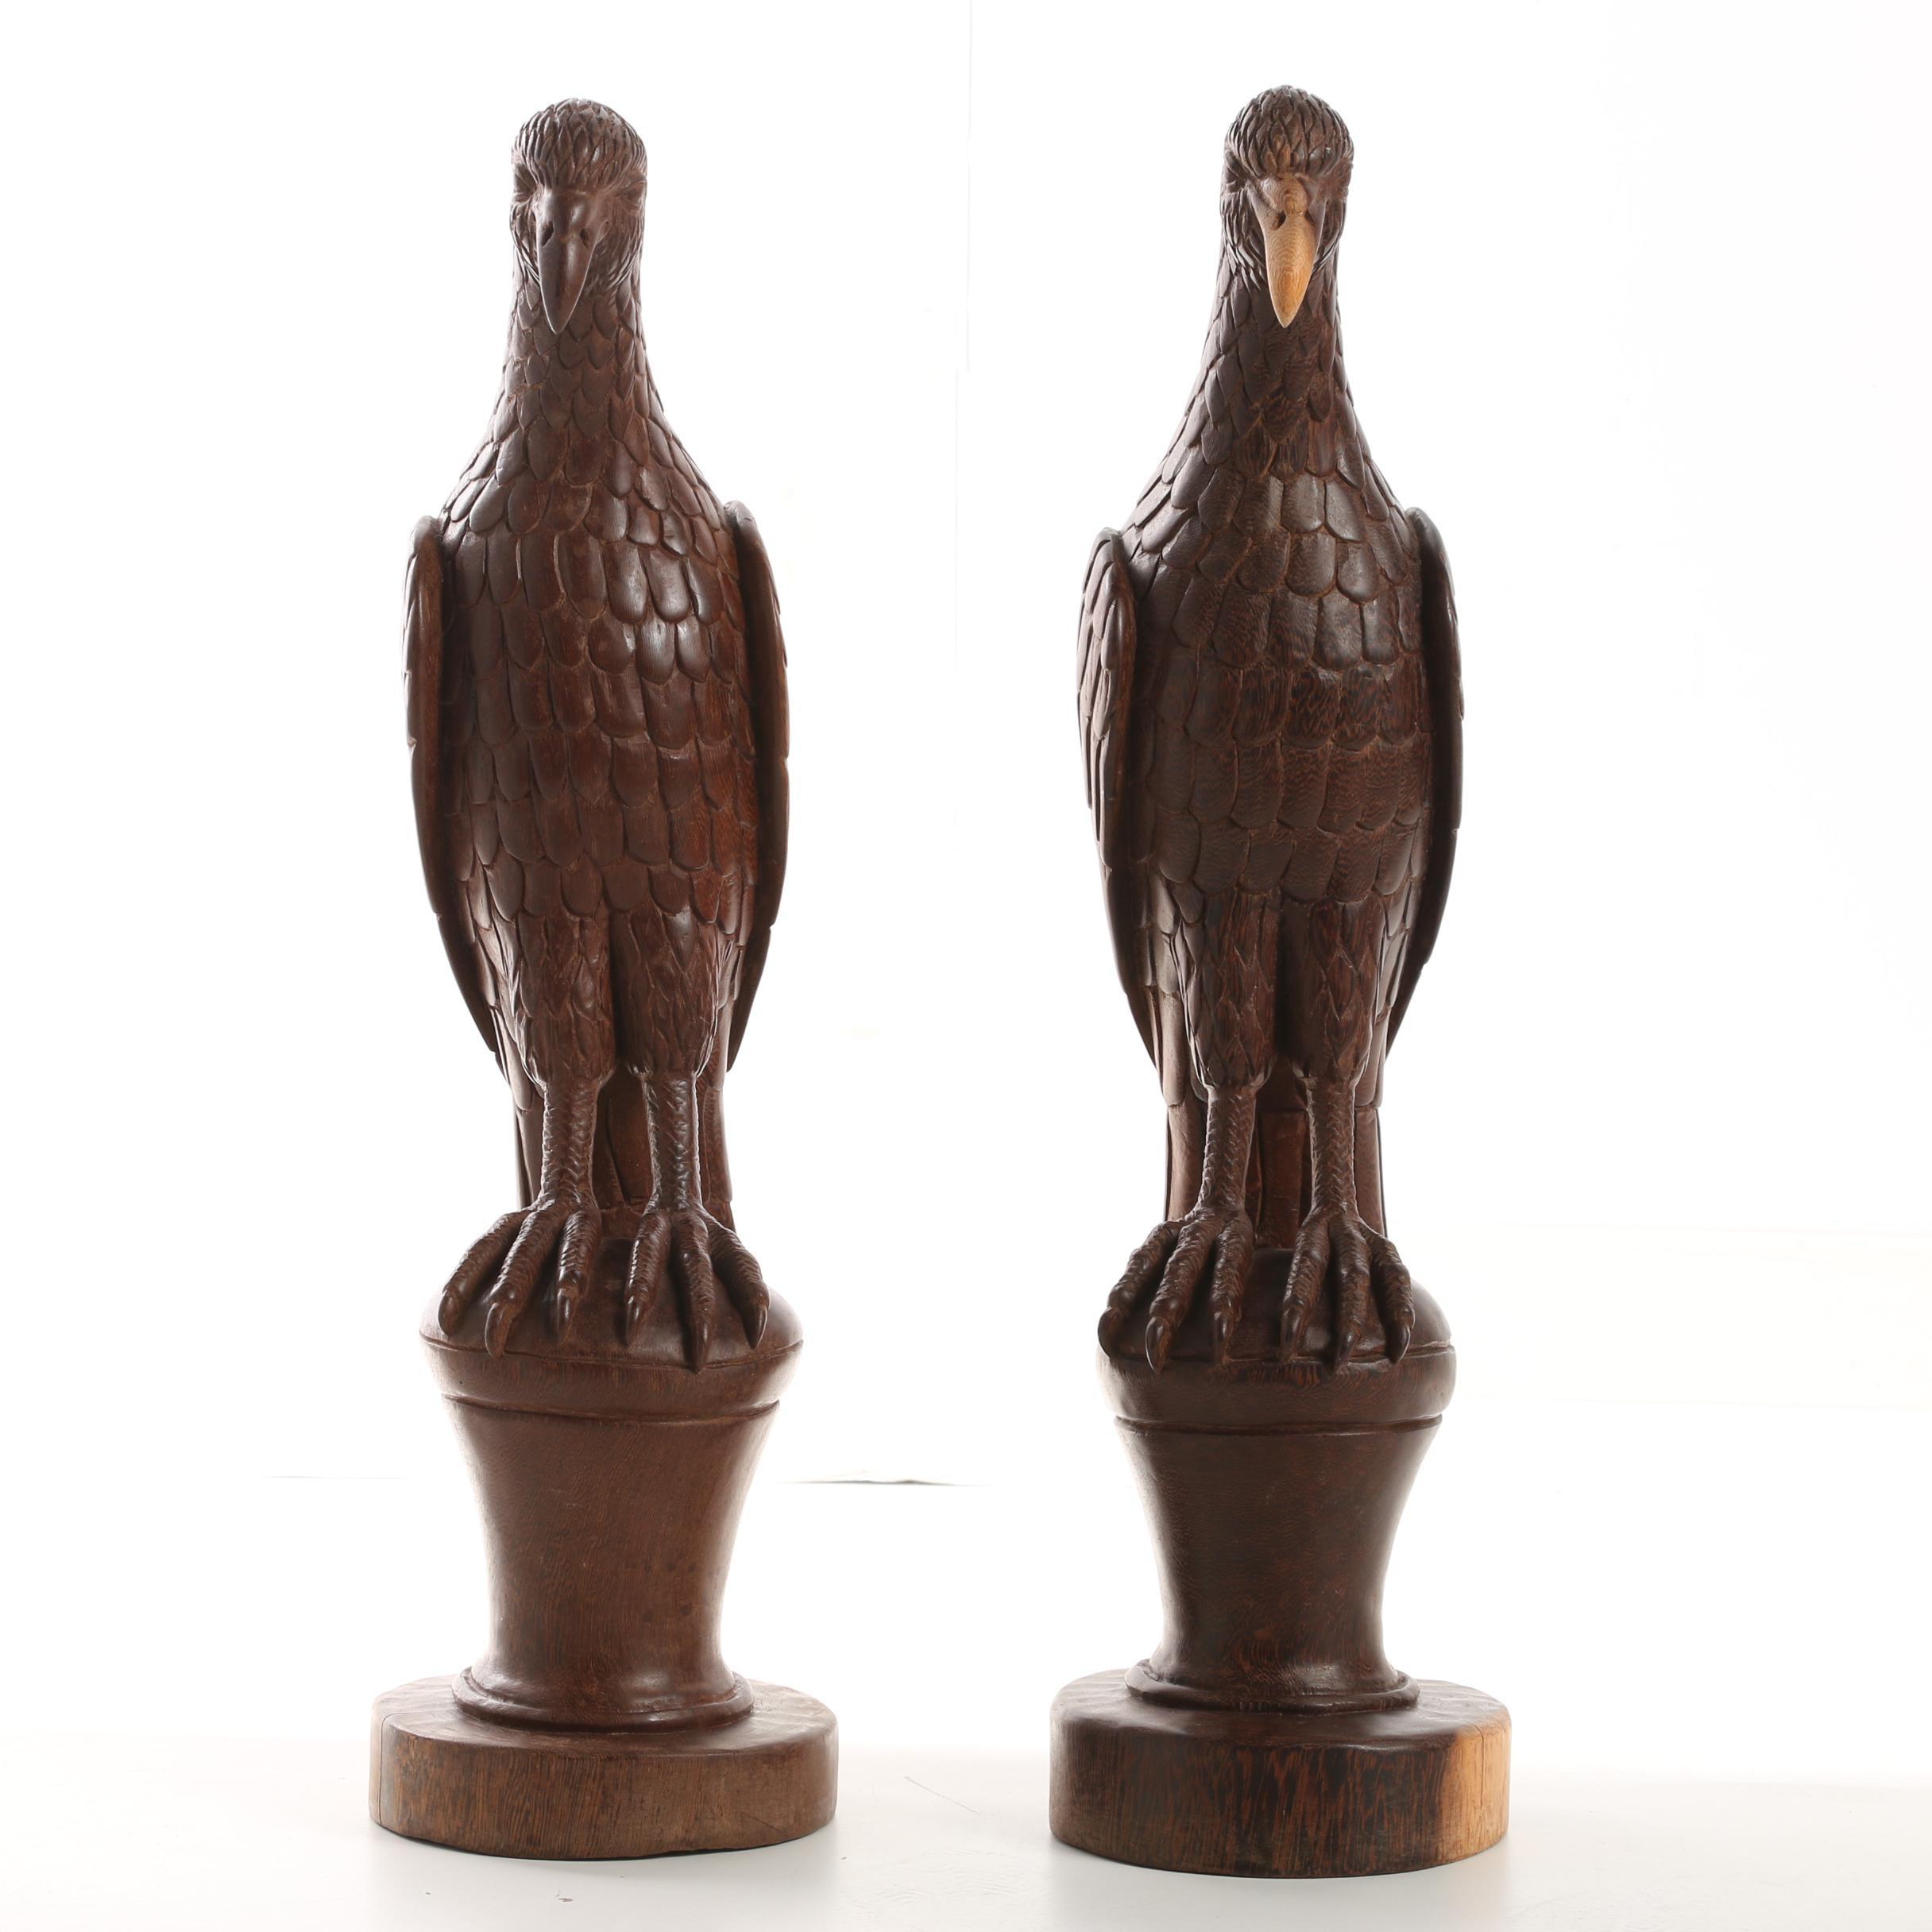 Carved Wooden Sculptures